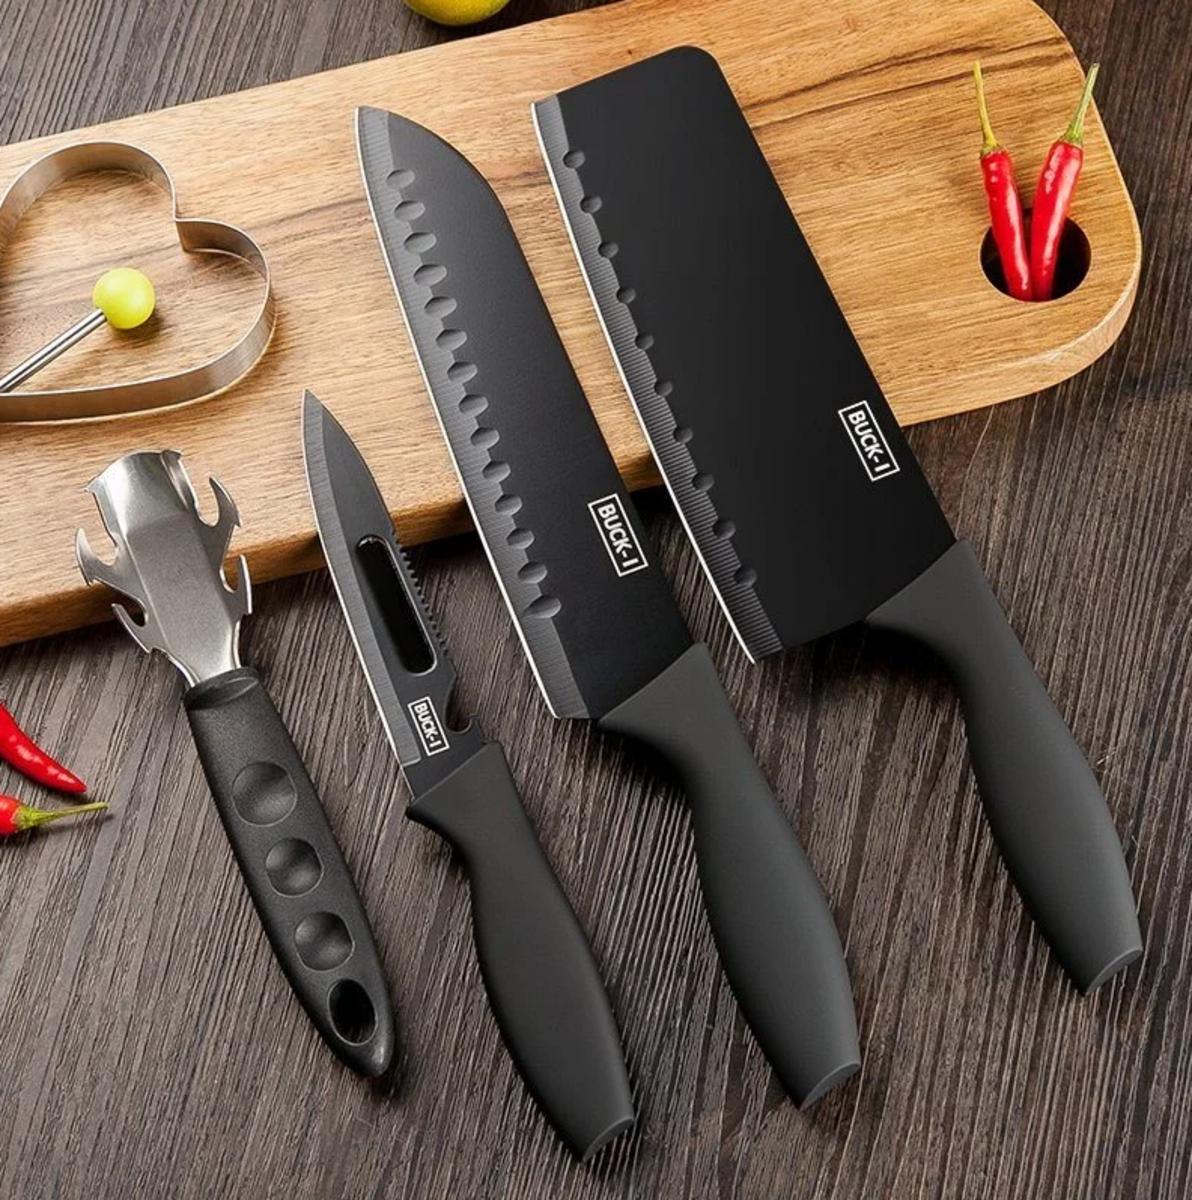 【連專用刀座】Black Steel BUCK-I 不銹黑鋼廚刀4把裝 連專用刀座套裝